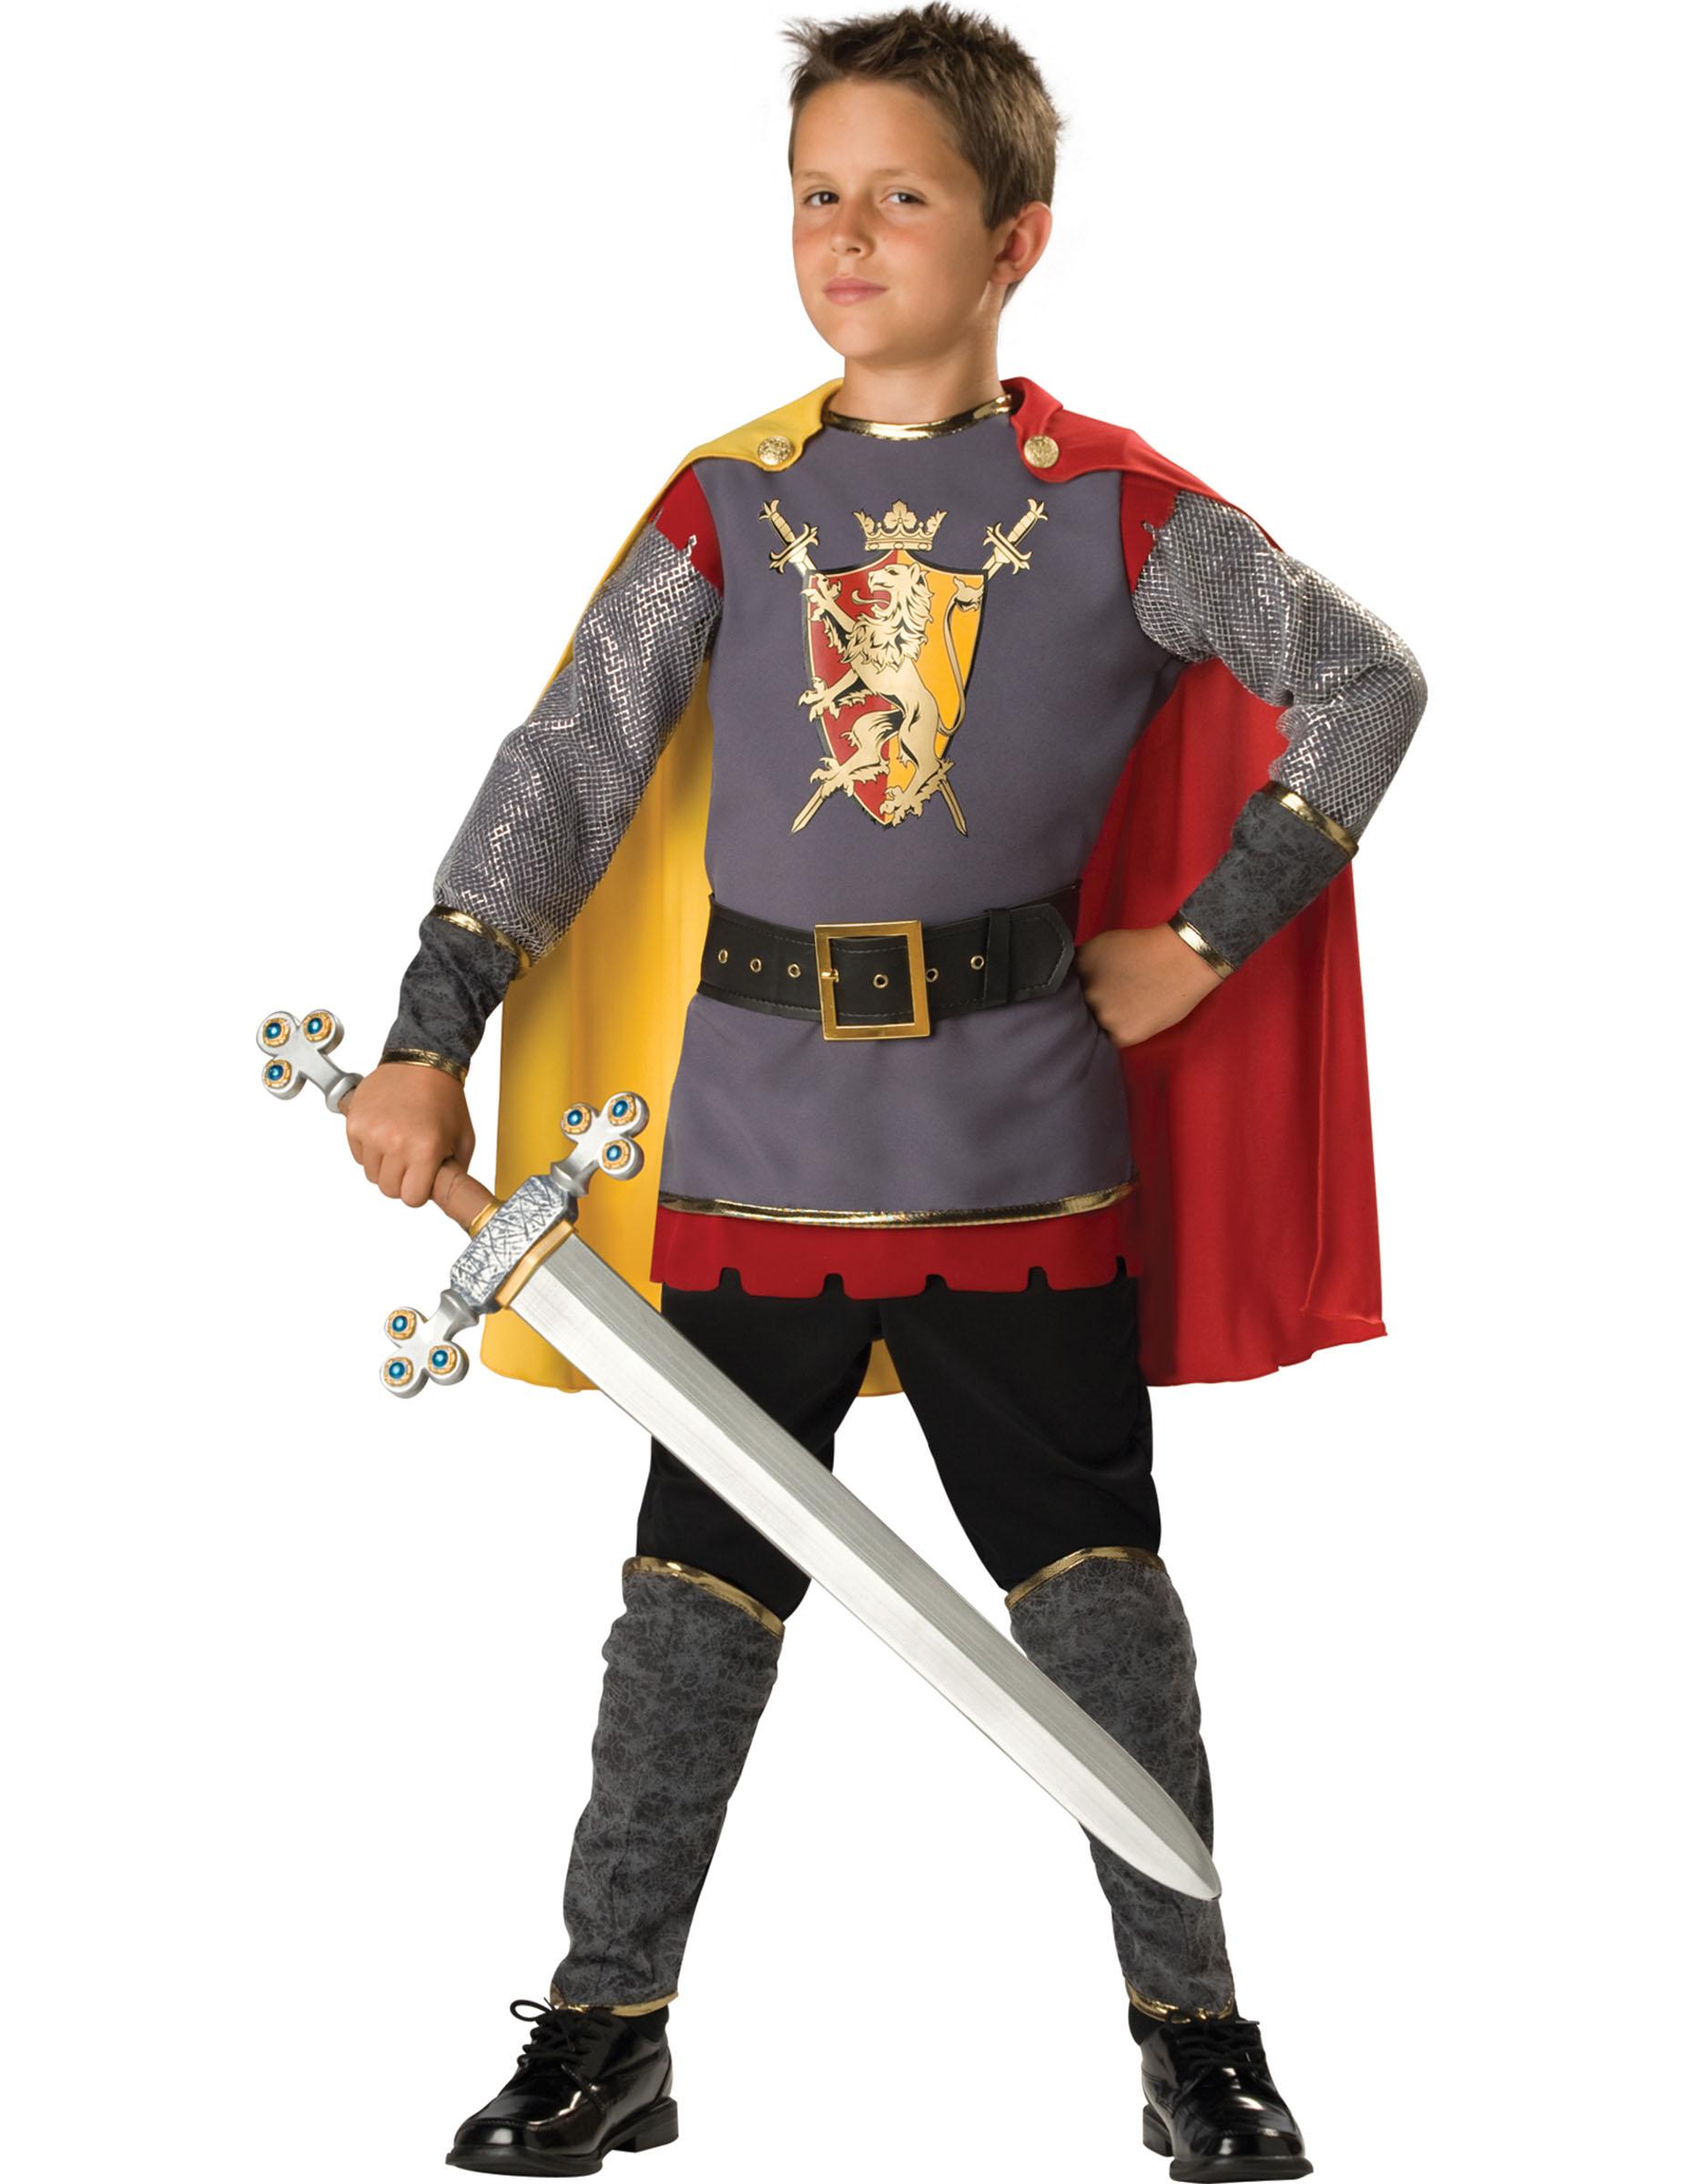 Vestito Cavaliere Bambino.Costume Cavaliere Bambino Premium Costumi Bambini E Vestiti Di Carnevale Online Vegaoo